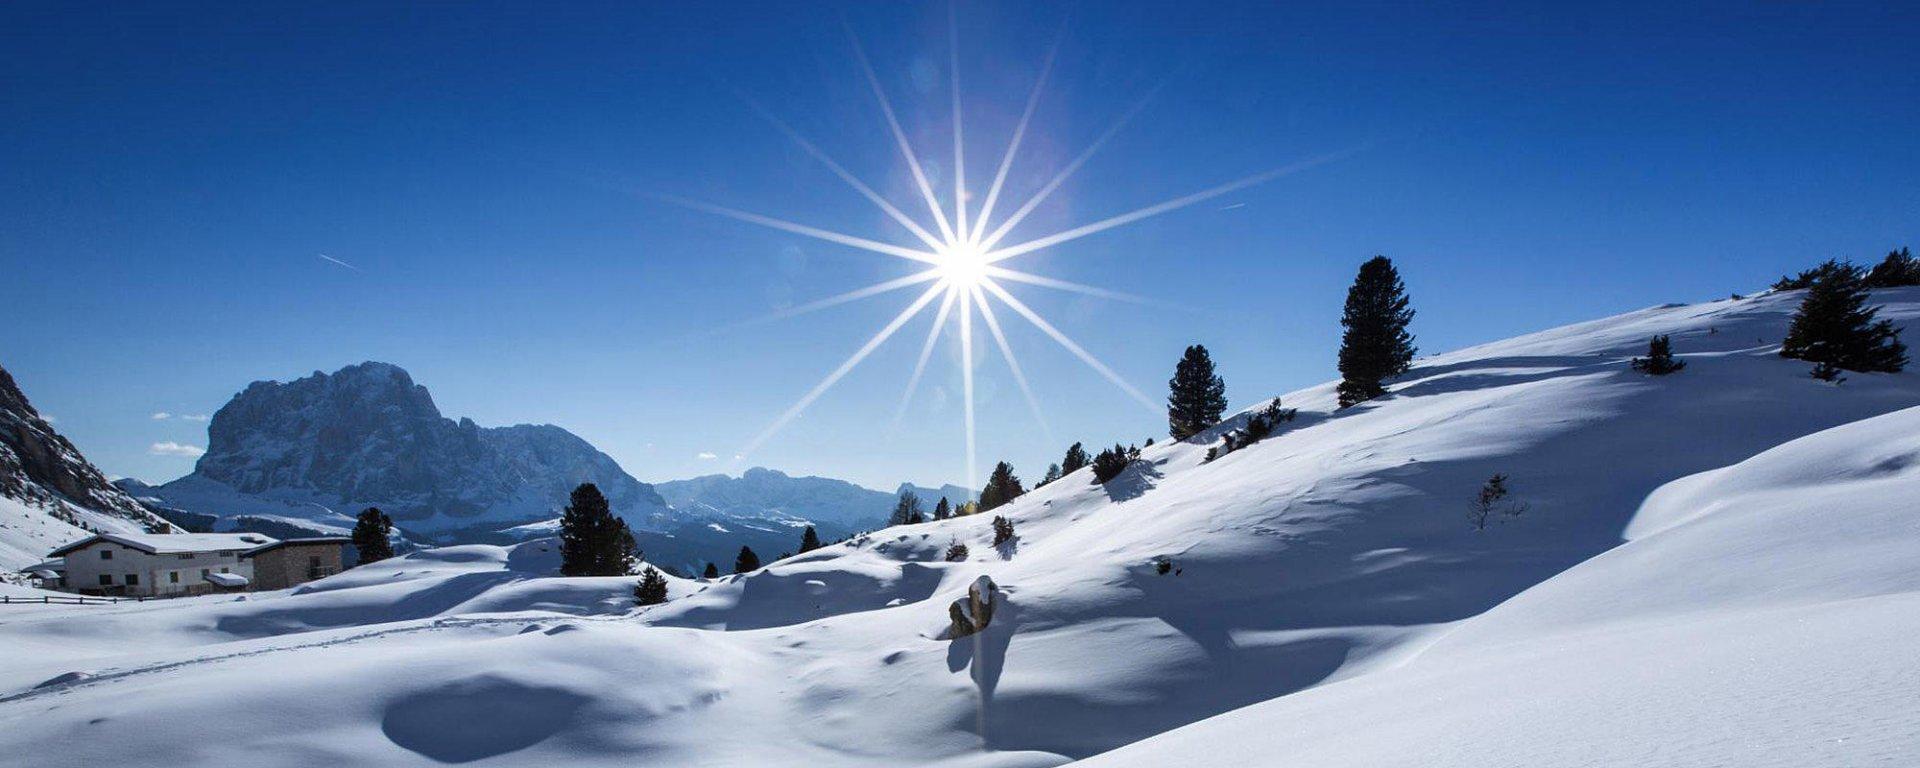 Ciaspole o sci ?